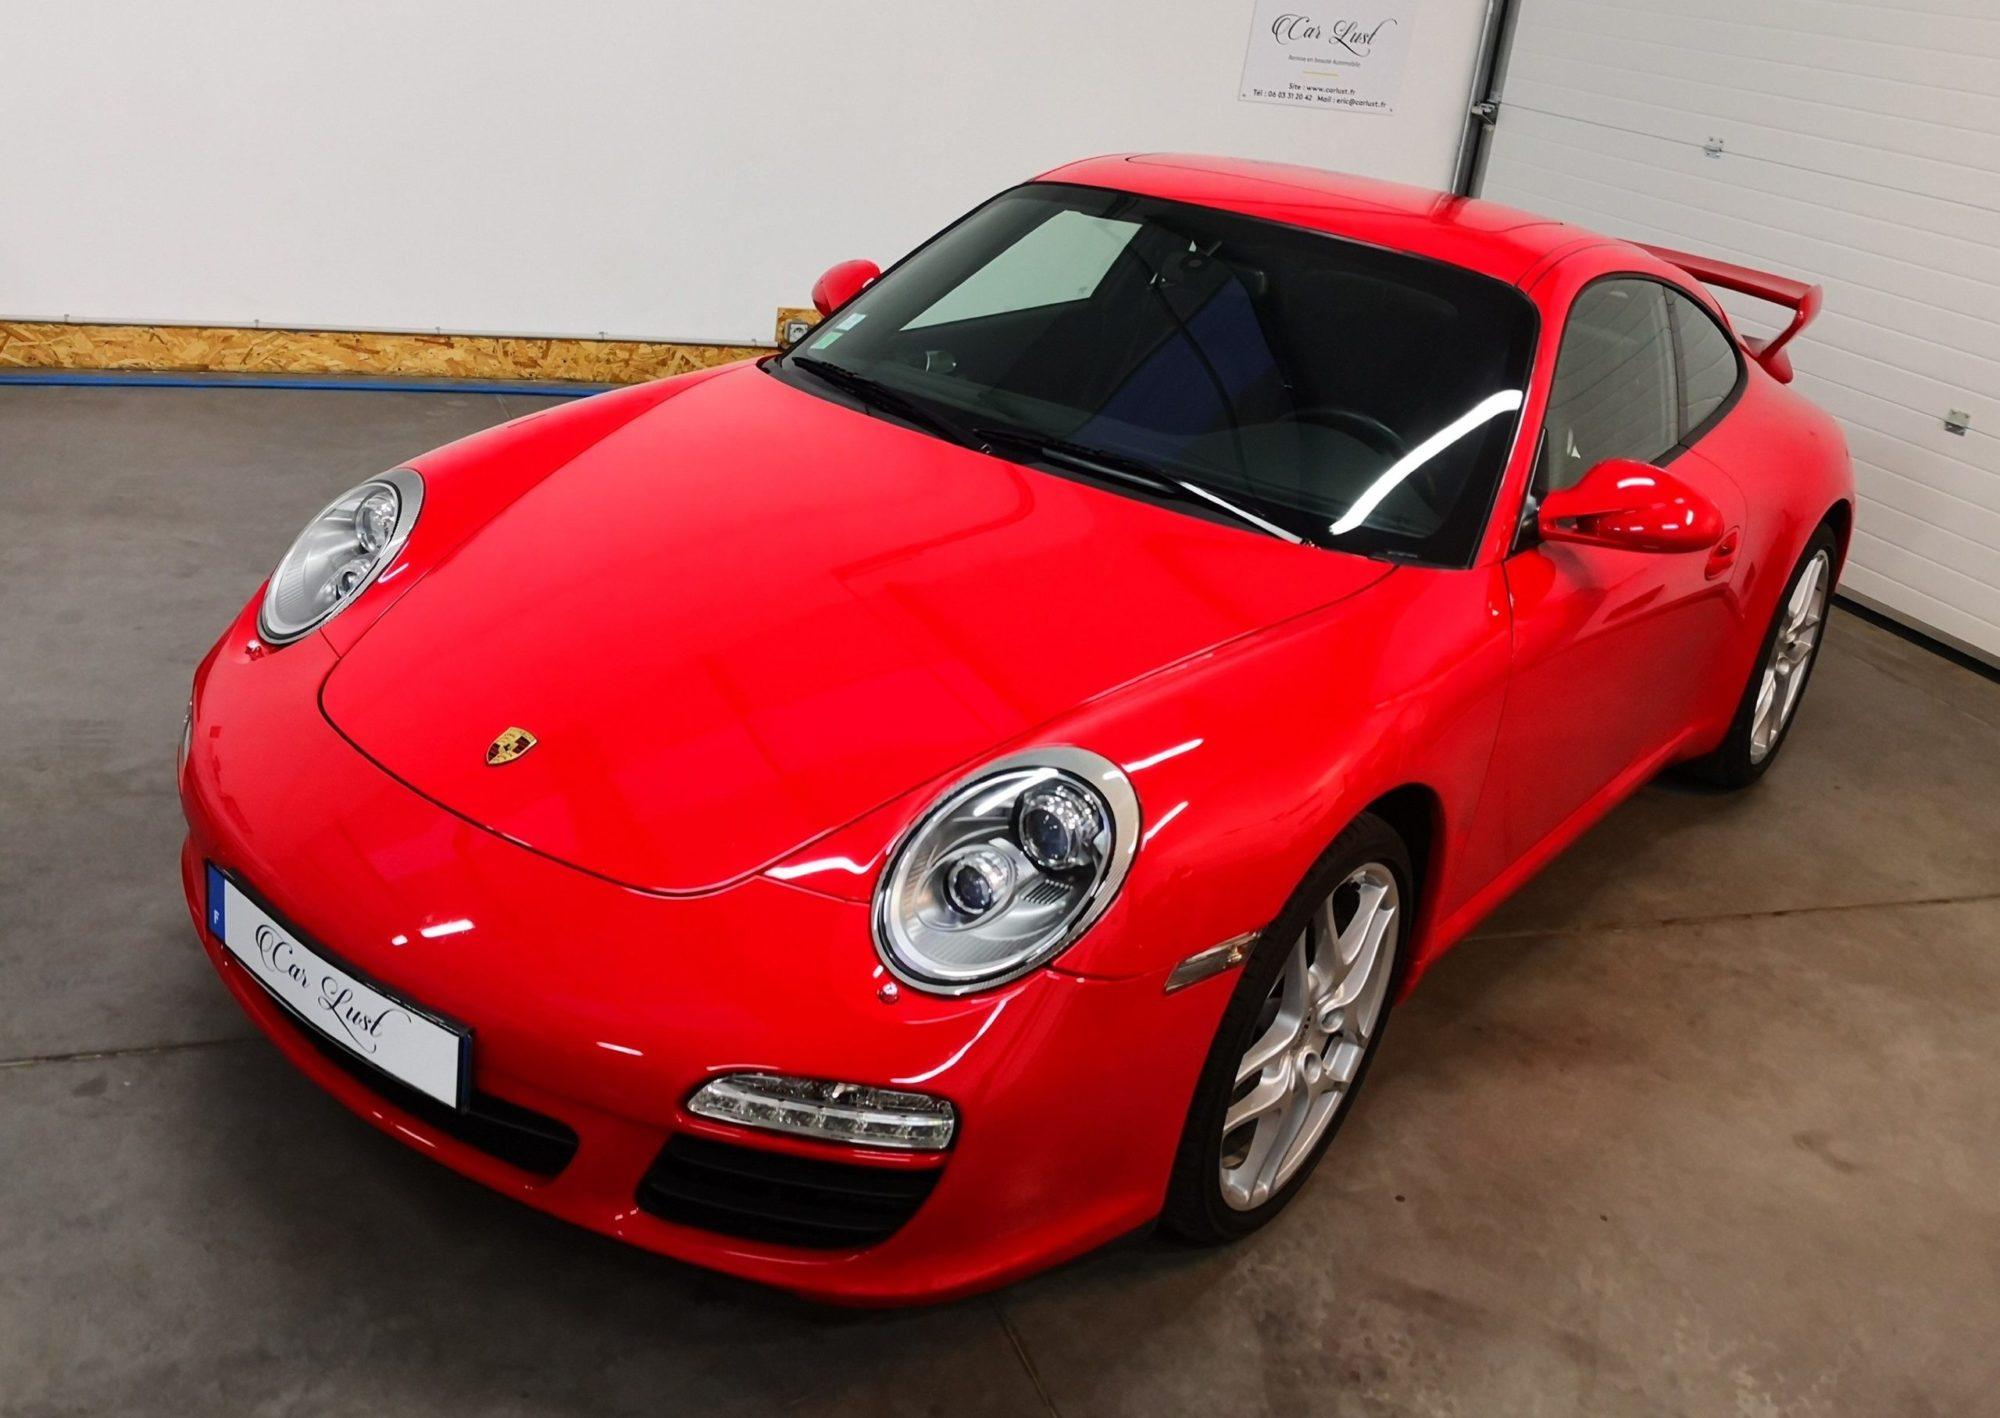 Porsche 997 Ph 1 Rouge Indien